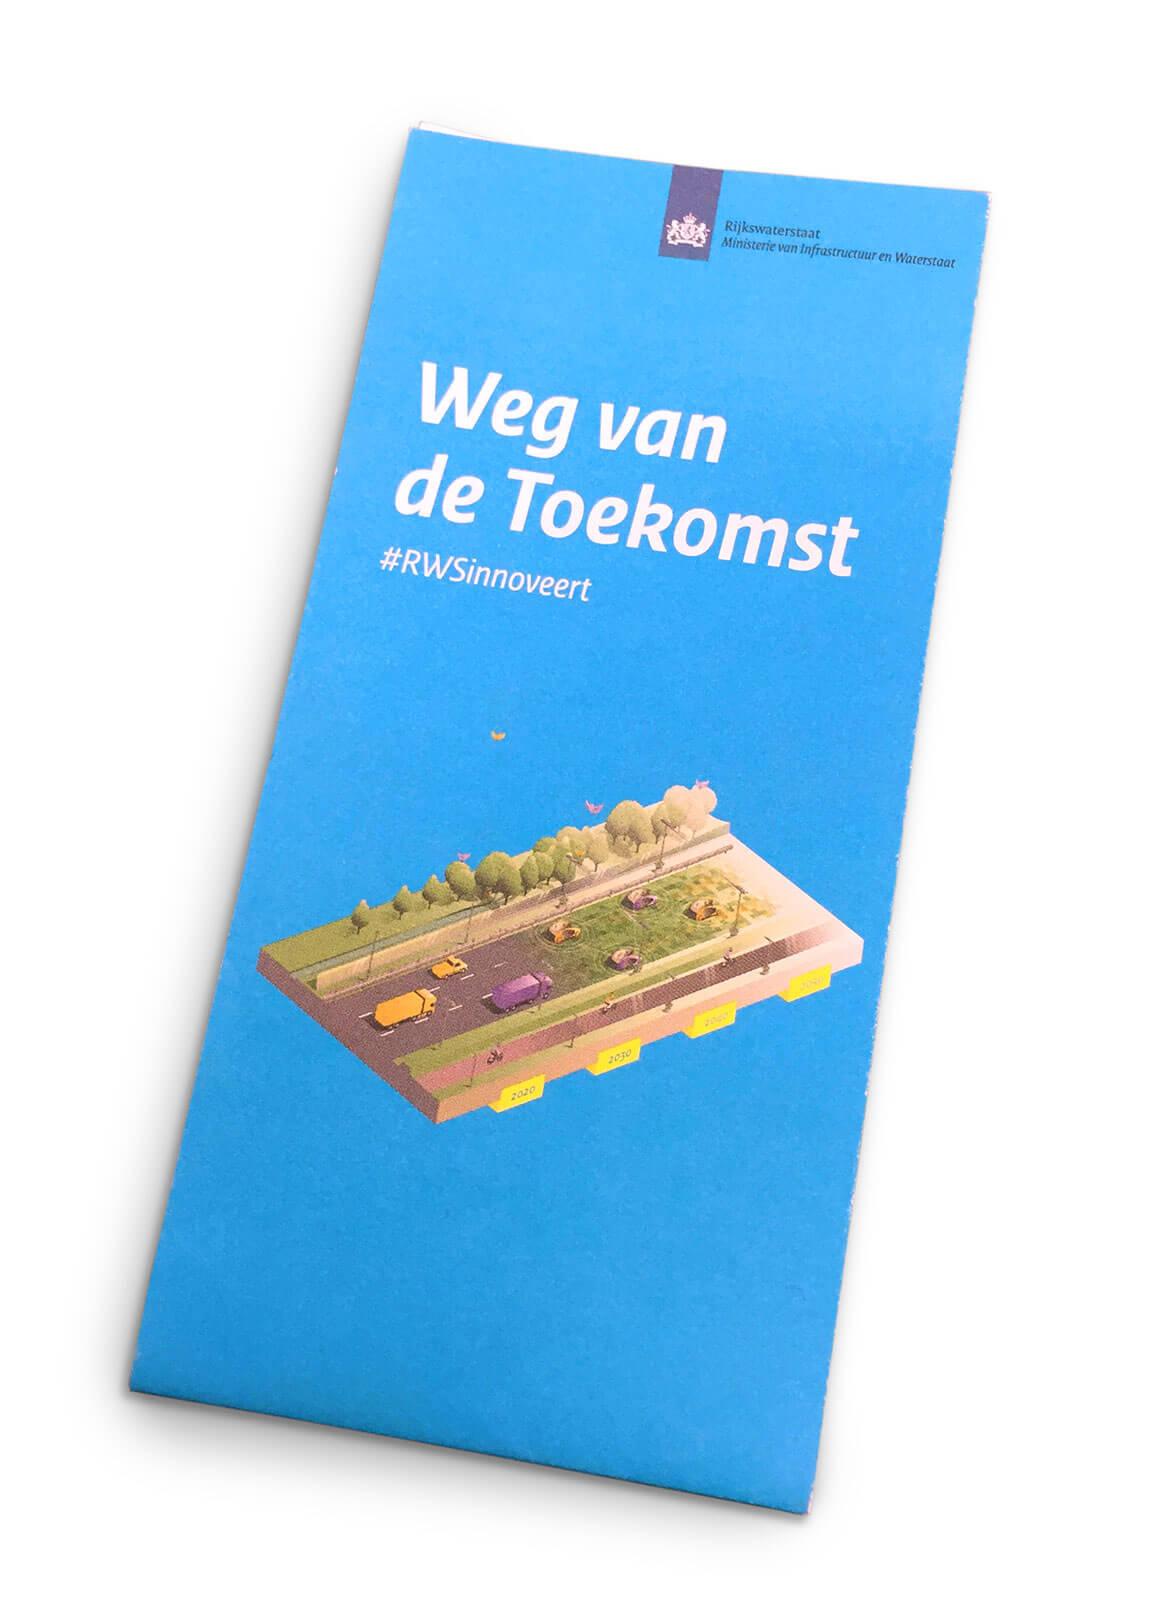 RWS_Snelweg-vd-toekomst_Folder